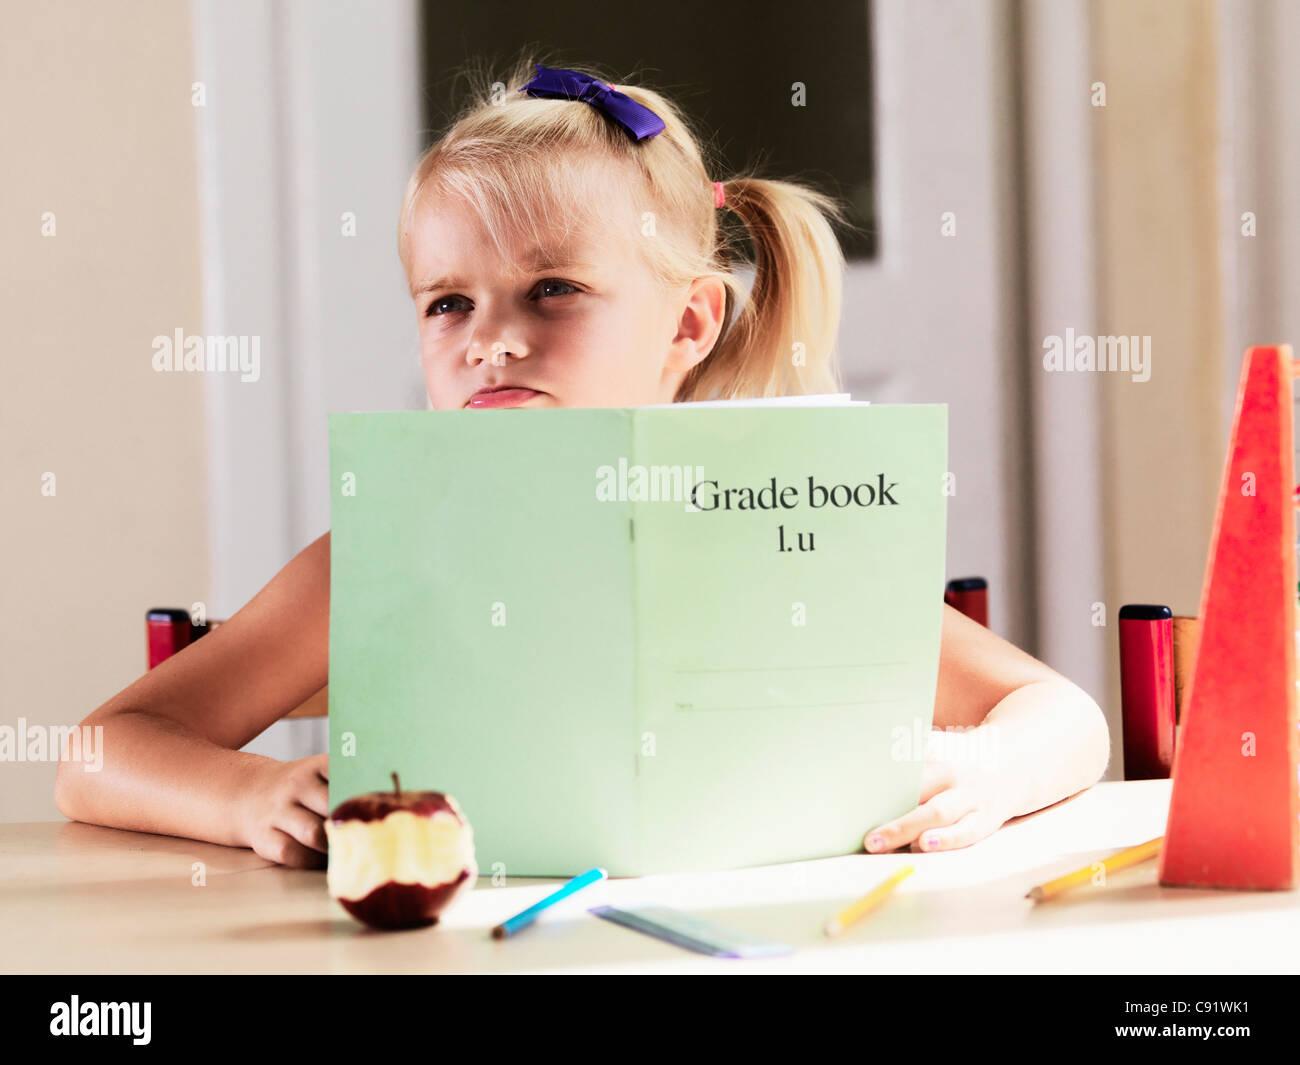 Bored girl doing homework at desk - Stock Image